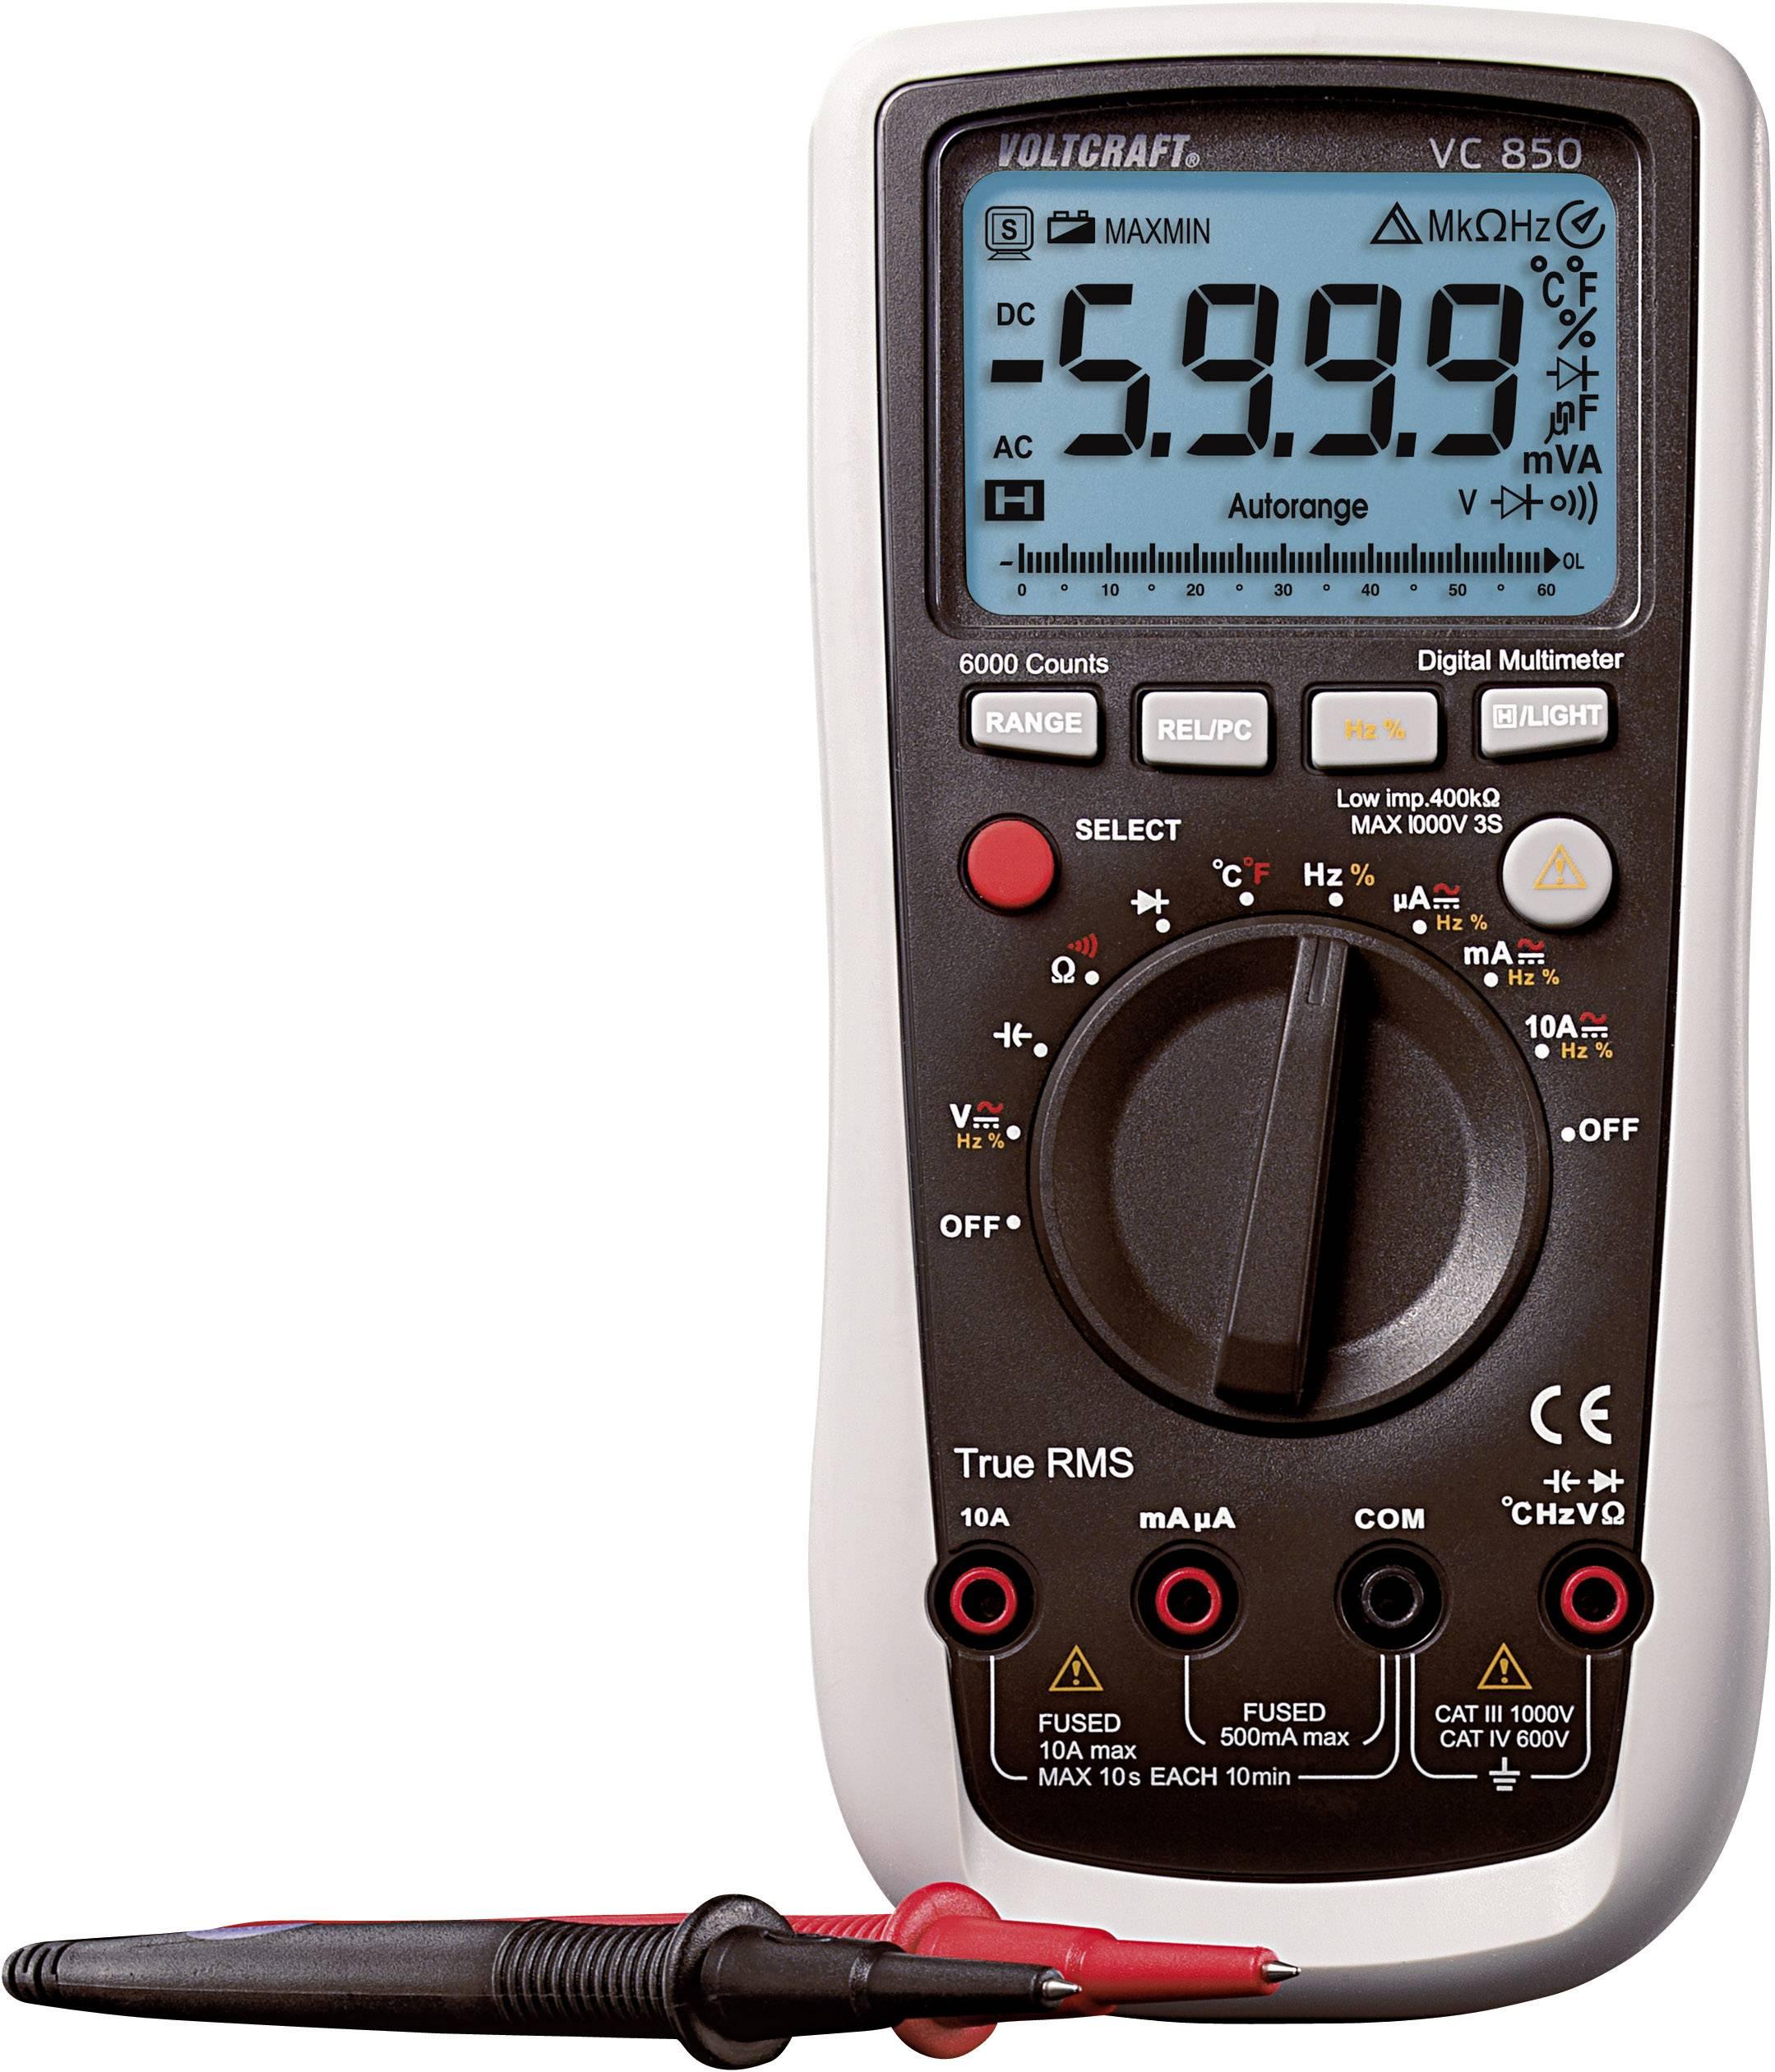 Digitální multimetr Voltcraft VC-850, kalibrovaný